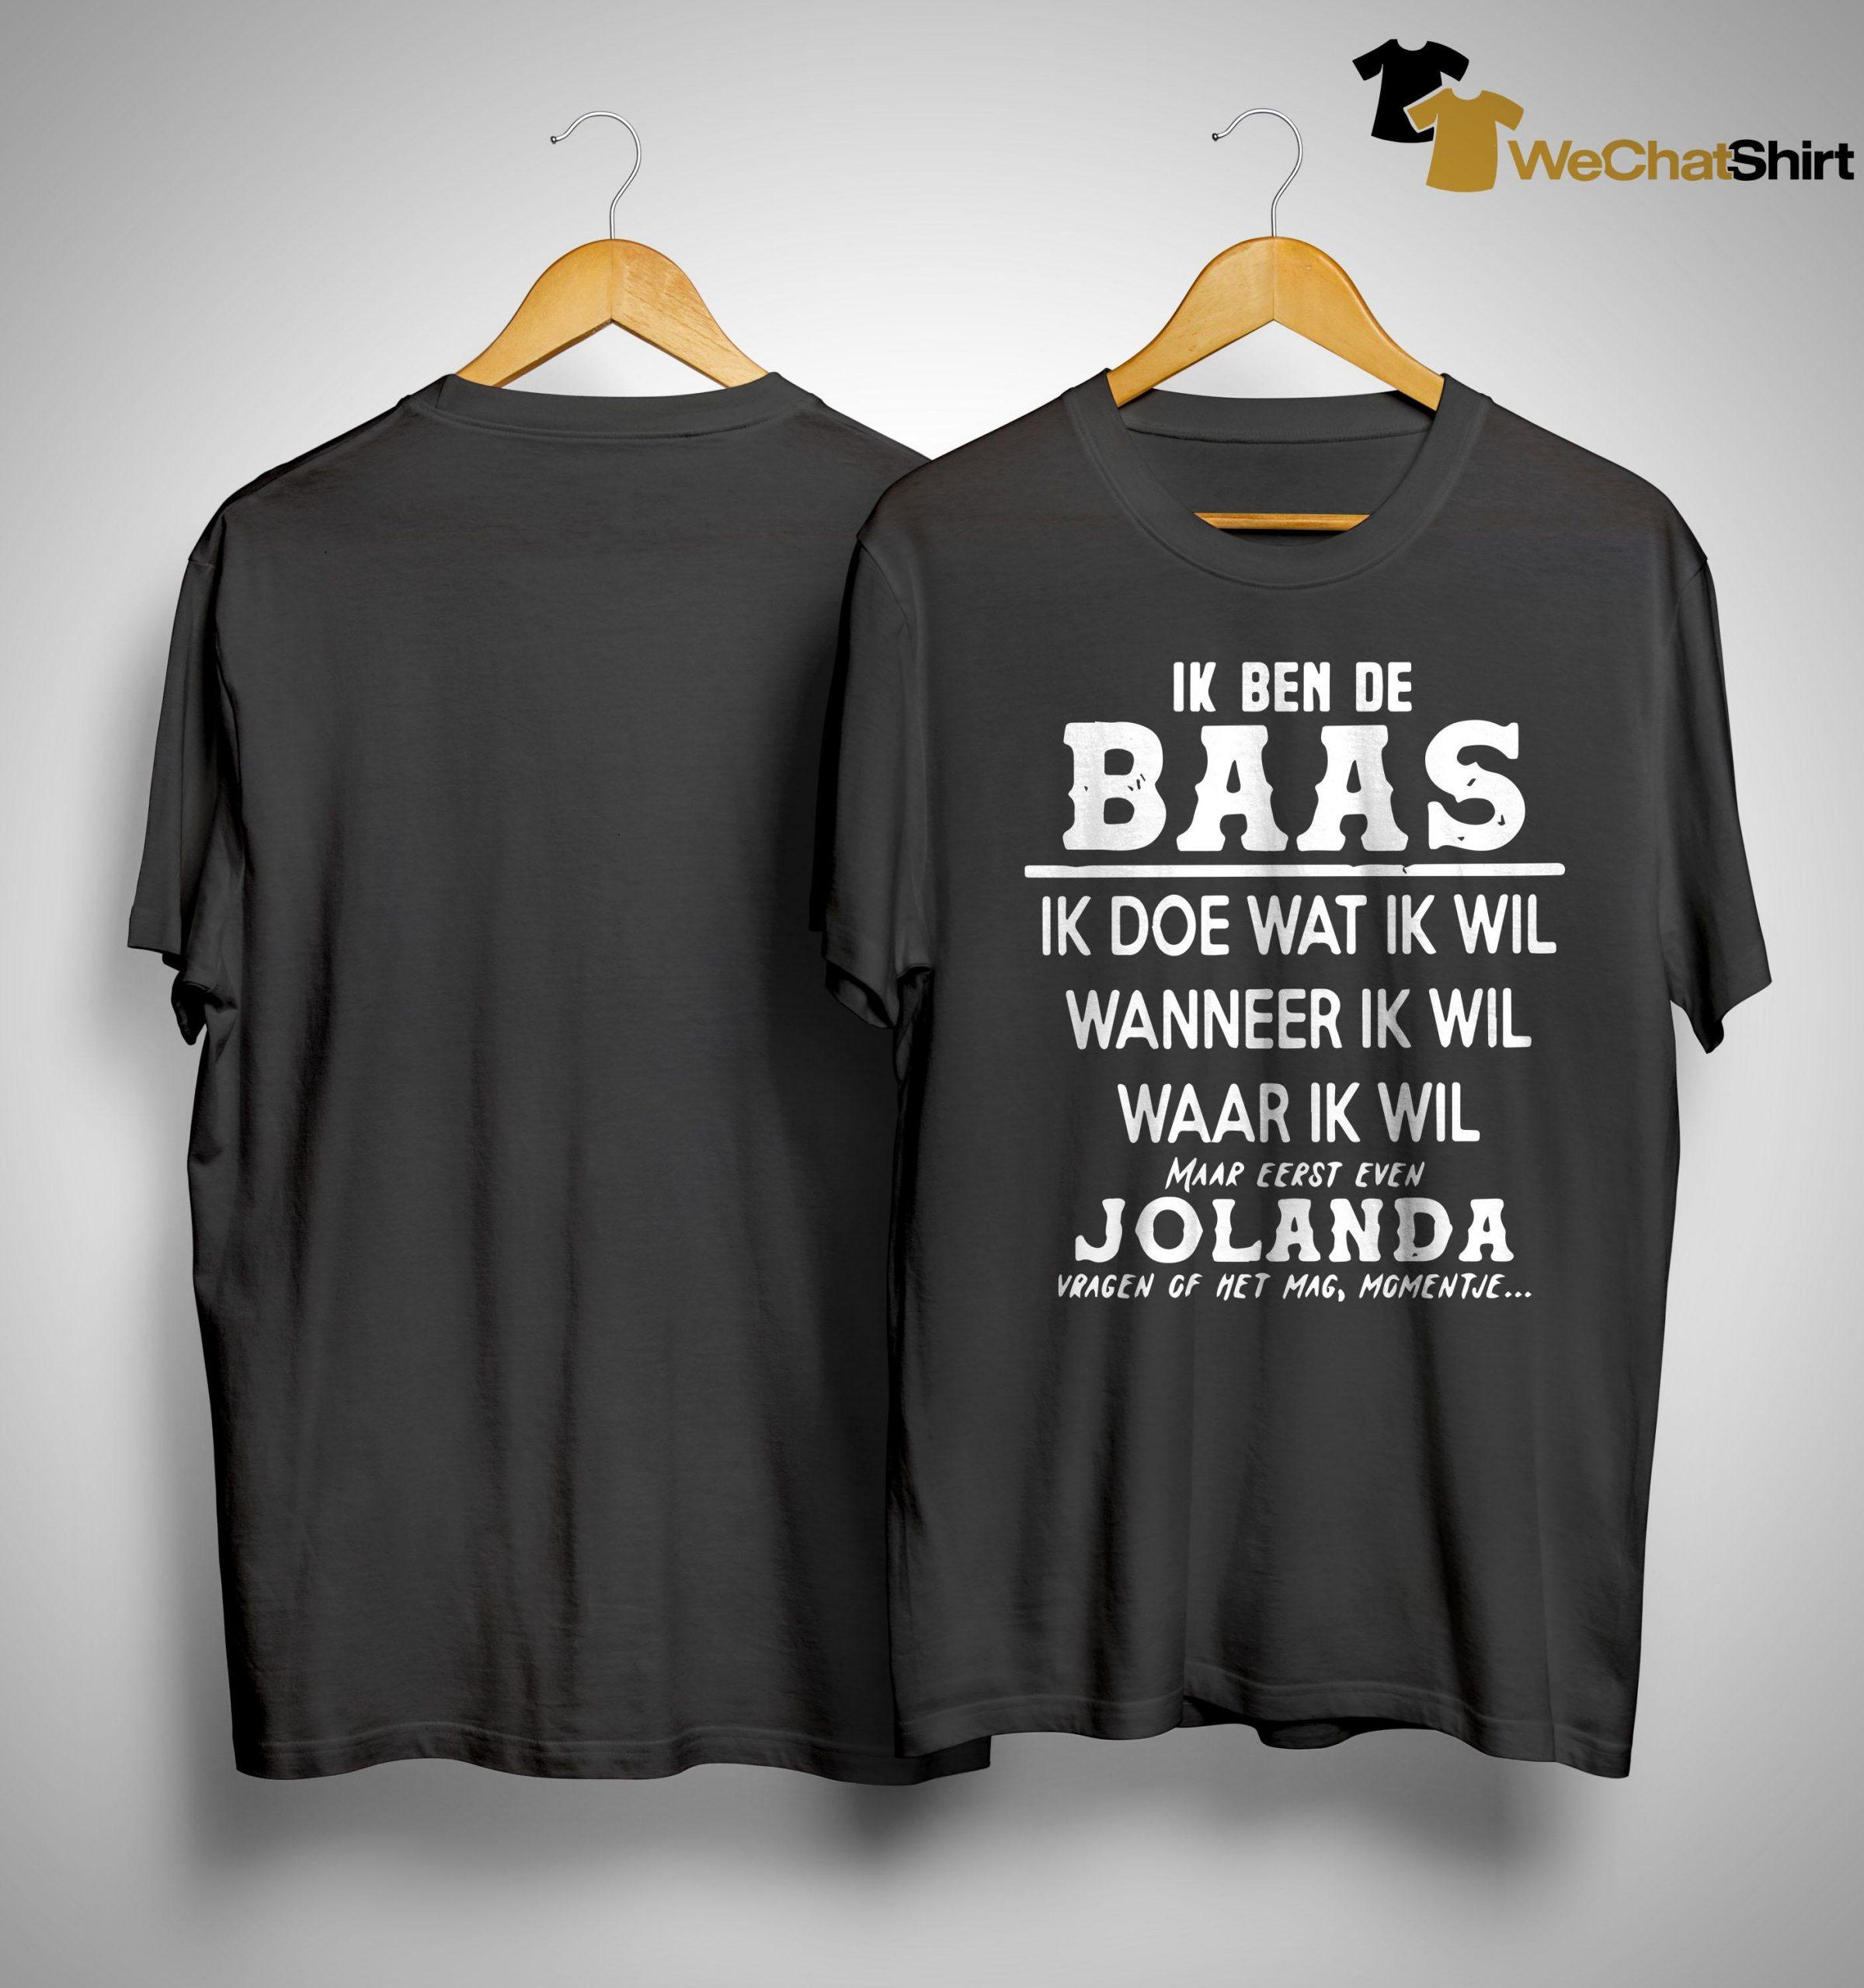 Official Ik Ben De Baas Ik Doe Wat Ik Wil Wanneer Ik Wil